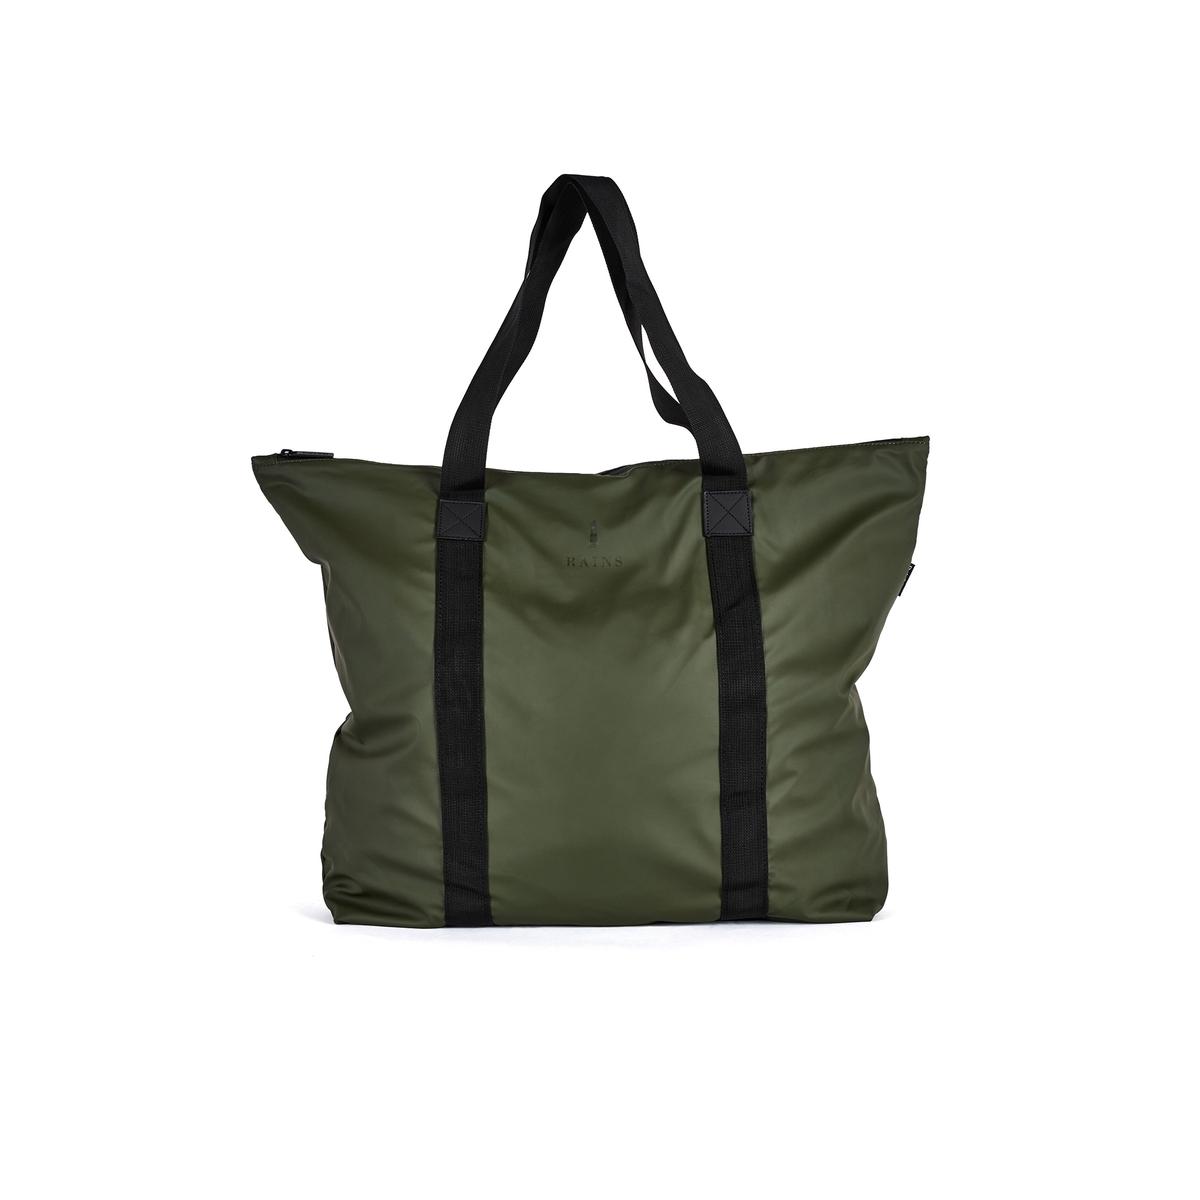 Сумка непромокаемаяОписание:Прочные ручки, материал, подходящий в дождливую погоду: непромокаемая сумка-мешок пригодится не только для шопинга, но и для прогулок Состав и описание :Материал верха : 50% полиэстера, 5O % полиуретана Марка: RAINSМодель : SATOTE BAGРазмеры : В. 43 x Ш. 54 x Г. 12.5 см - объём 29 Застежка : молнияНебольшой карман внутриРучки.<br><br>Цвет: хаки